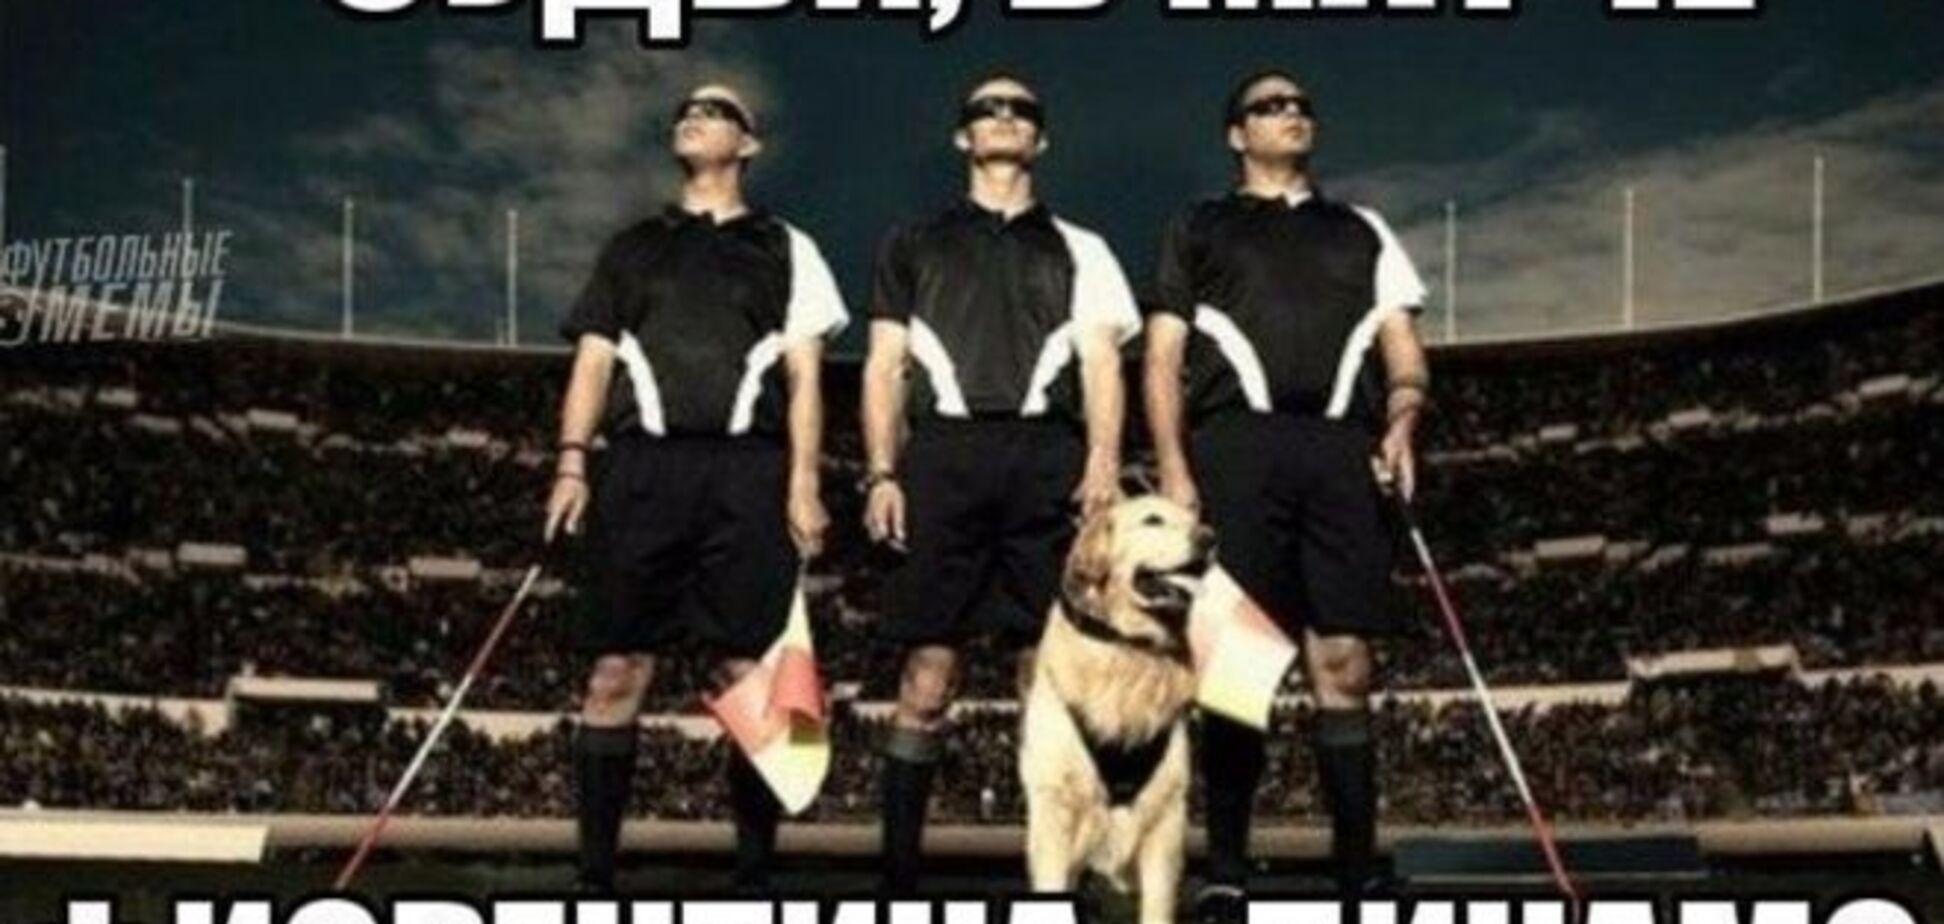 Слепой миллионер: фанаты высмеяли судью, похоронившего 'Динамо'